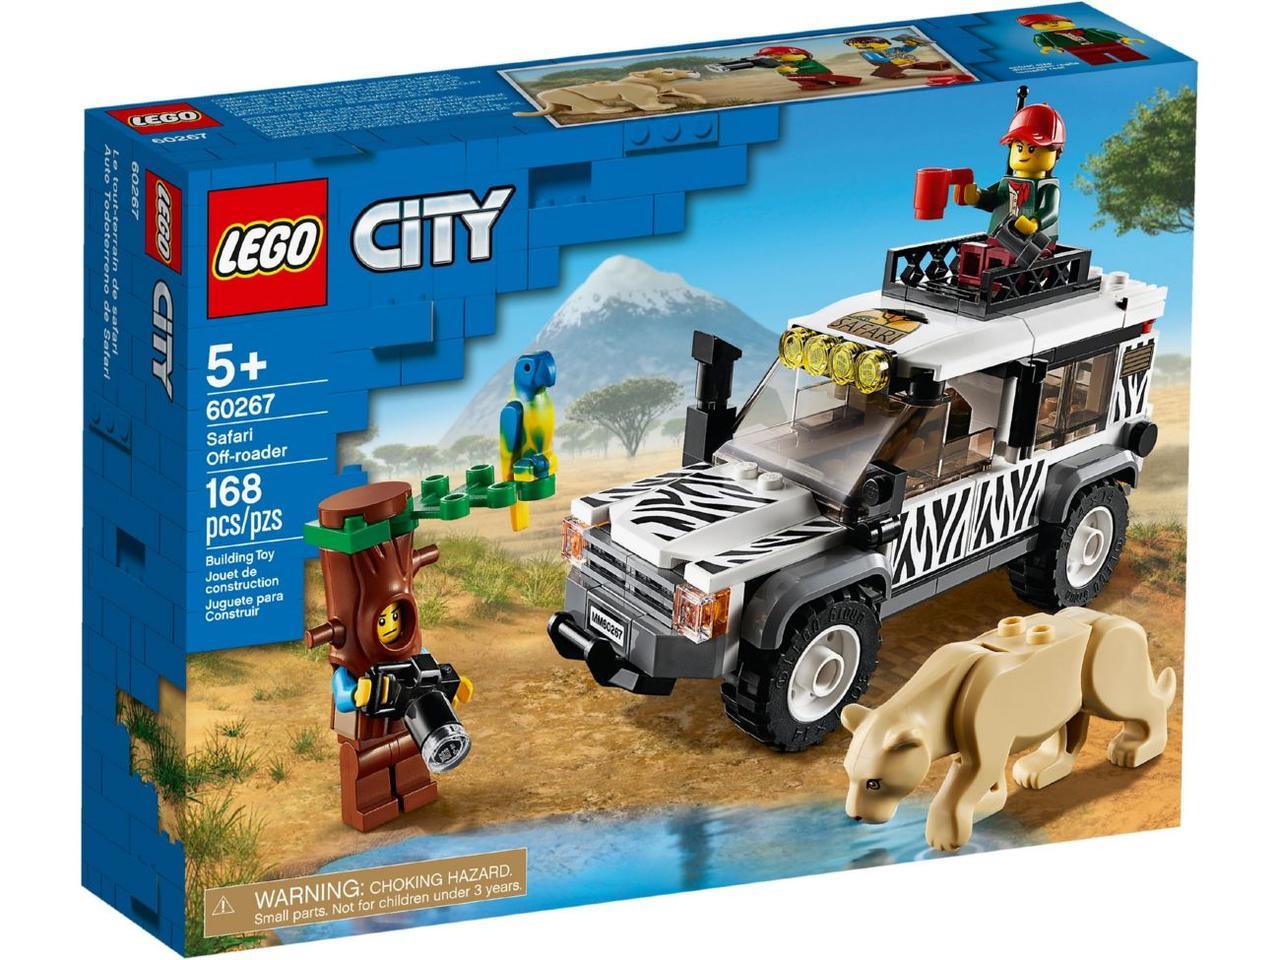 Lego City Внедорожник для сафари 60267